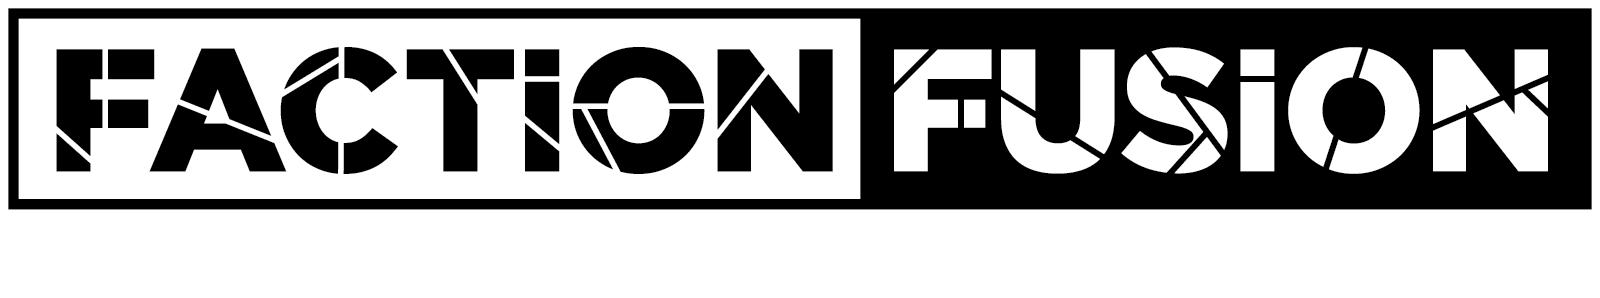 FF logo full@2x